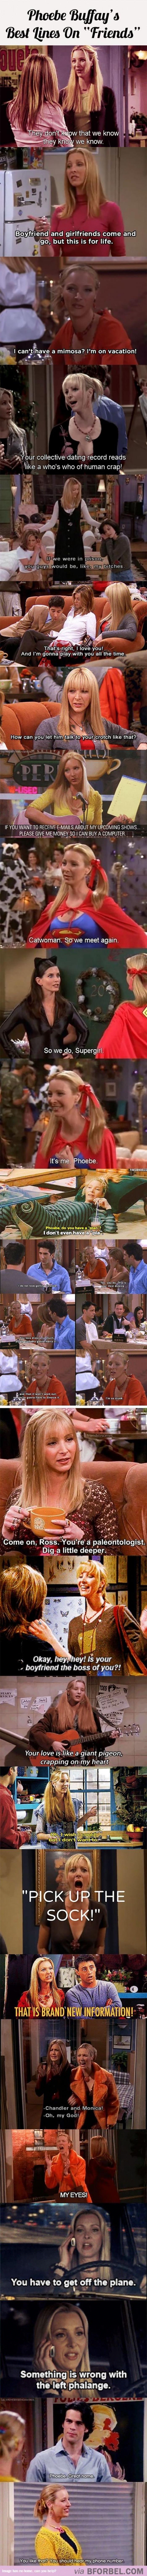 """Phoebe Buffay's Best Lines On """"Friends"""""""